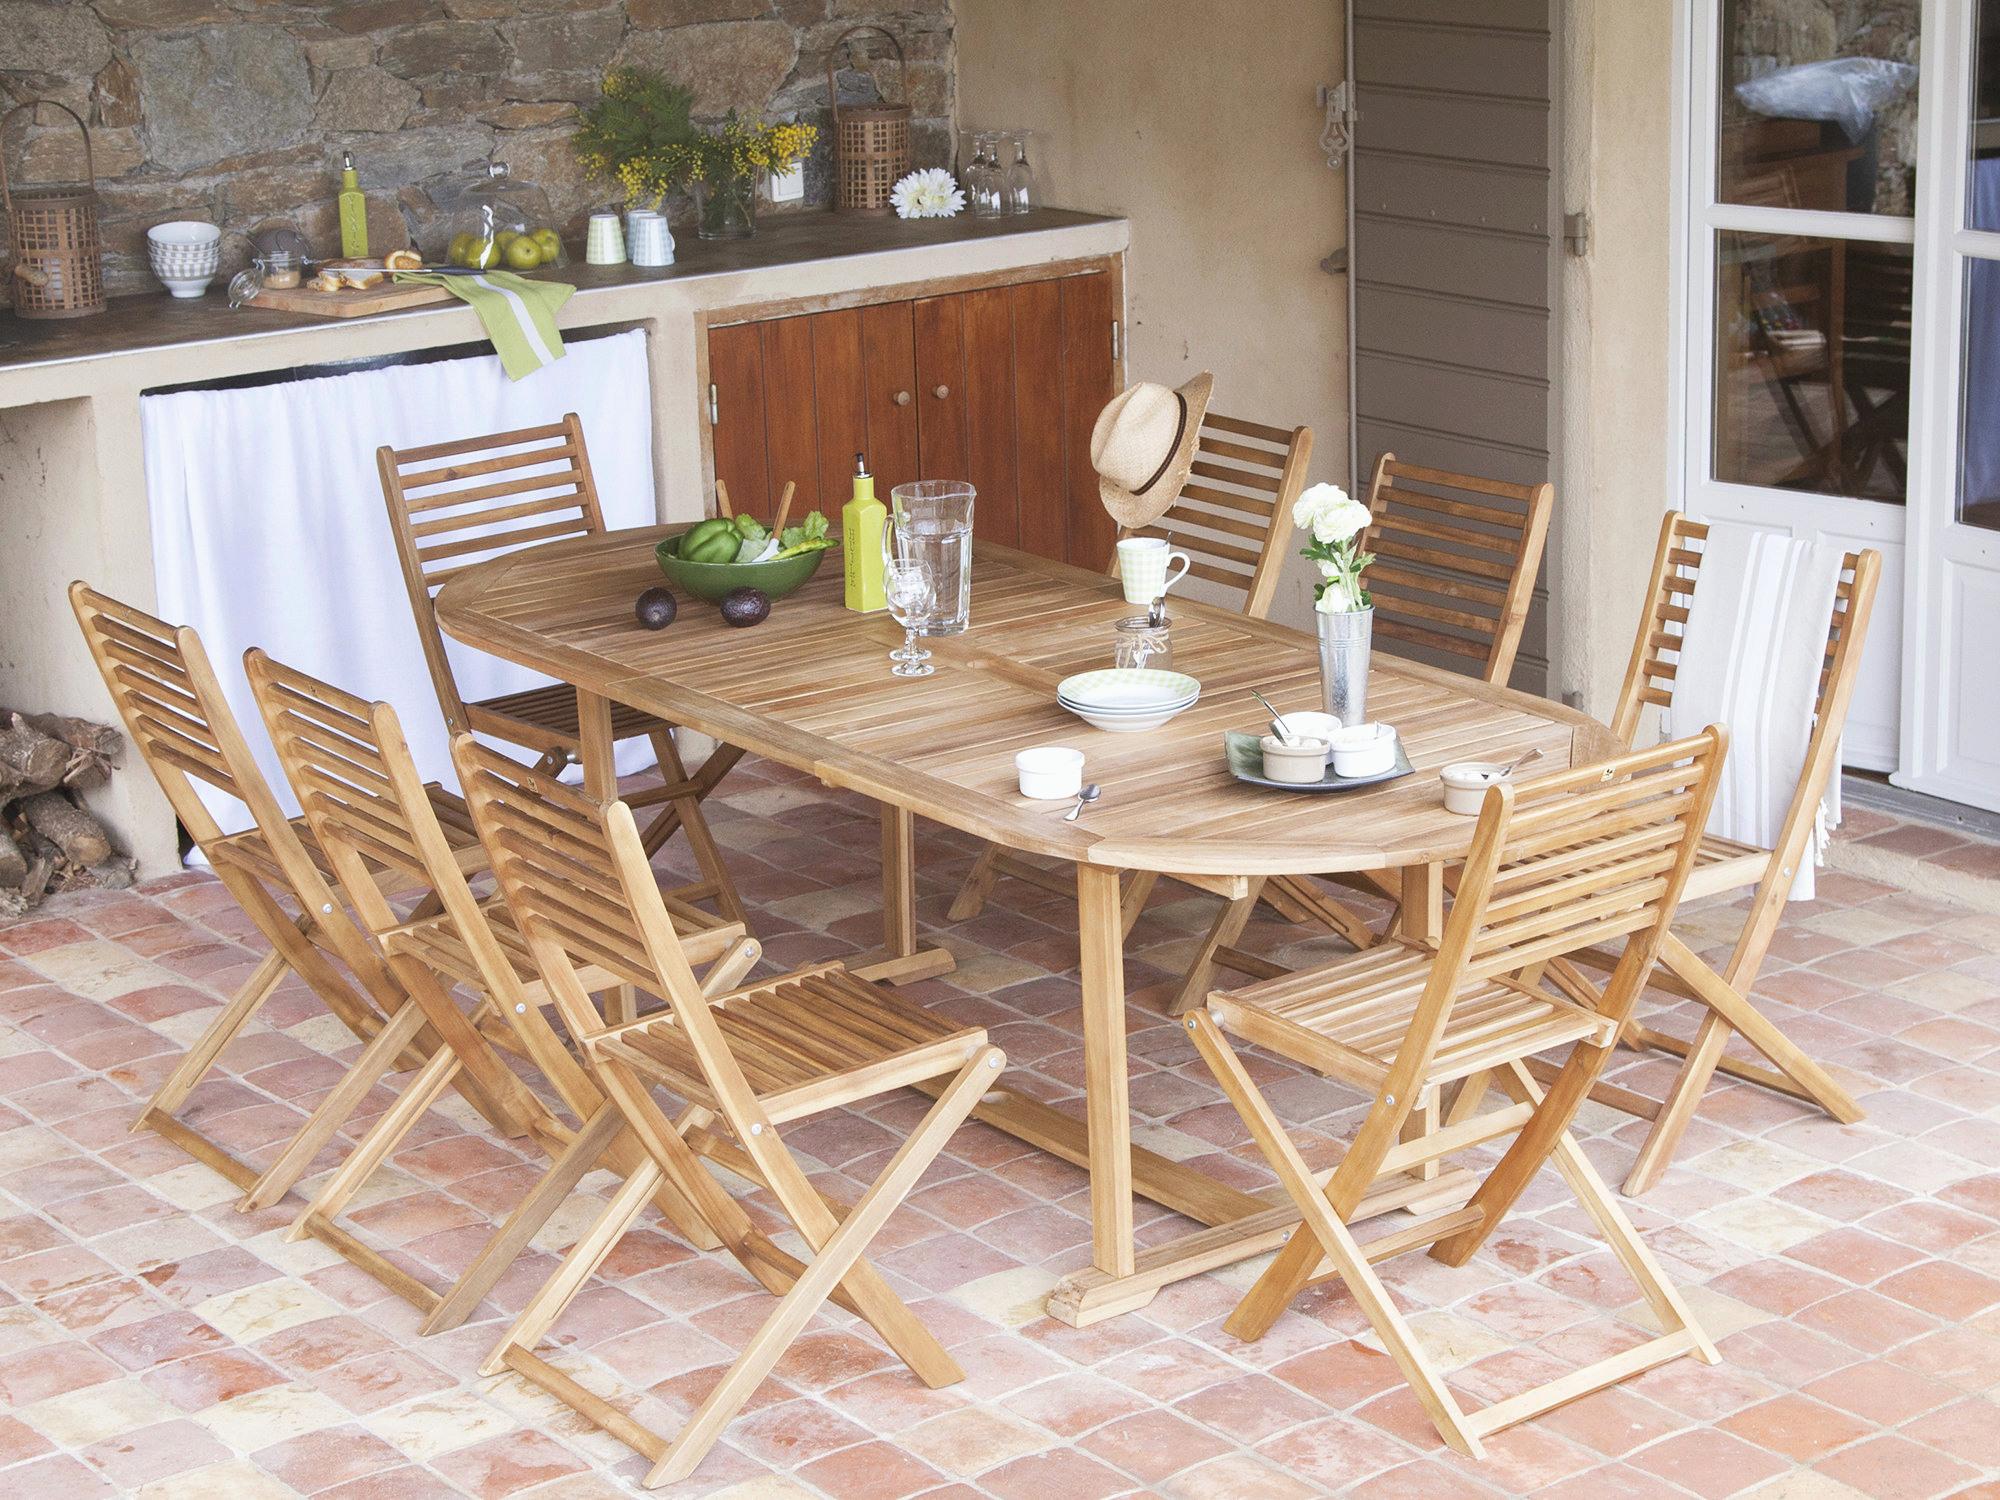 Table De Jardin Intermarche Élégant Images Piscine De Jardin Pas Cher Luxe Piscine Intermarché Frais